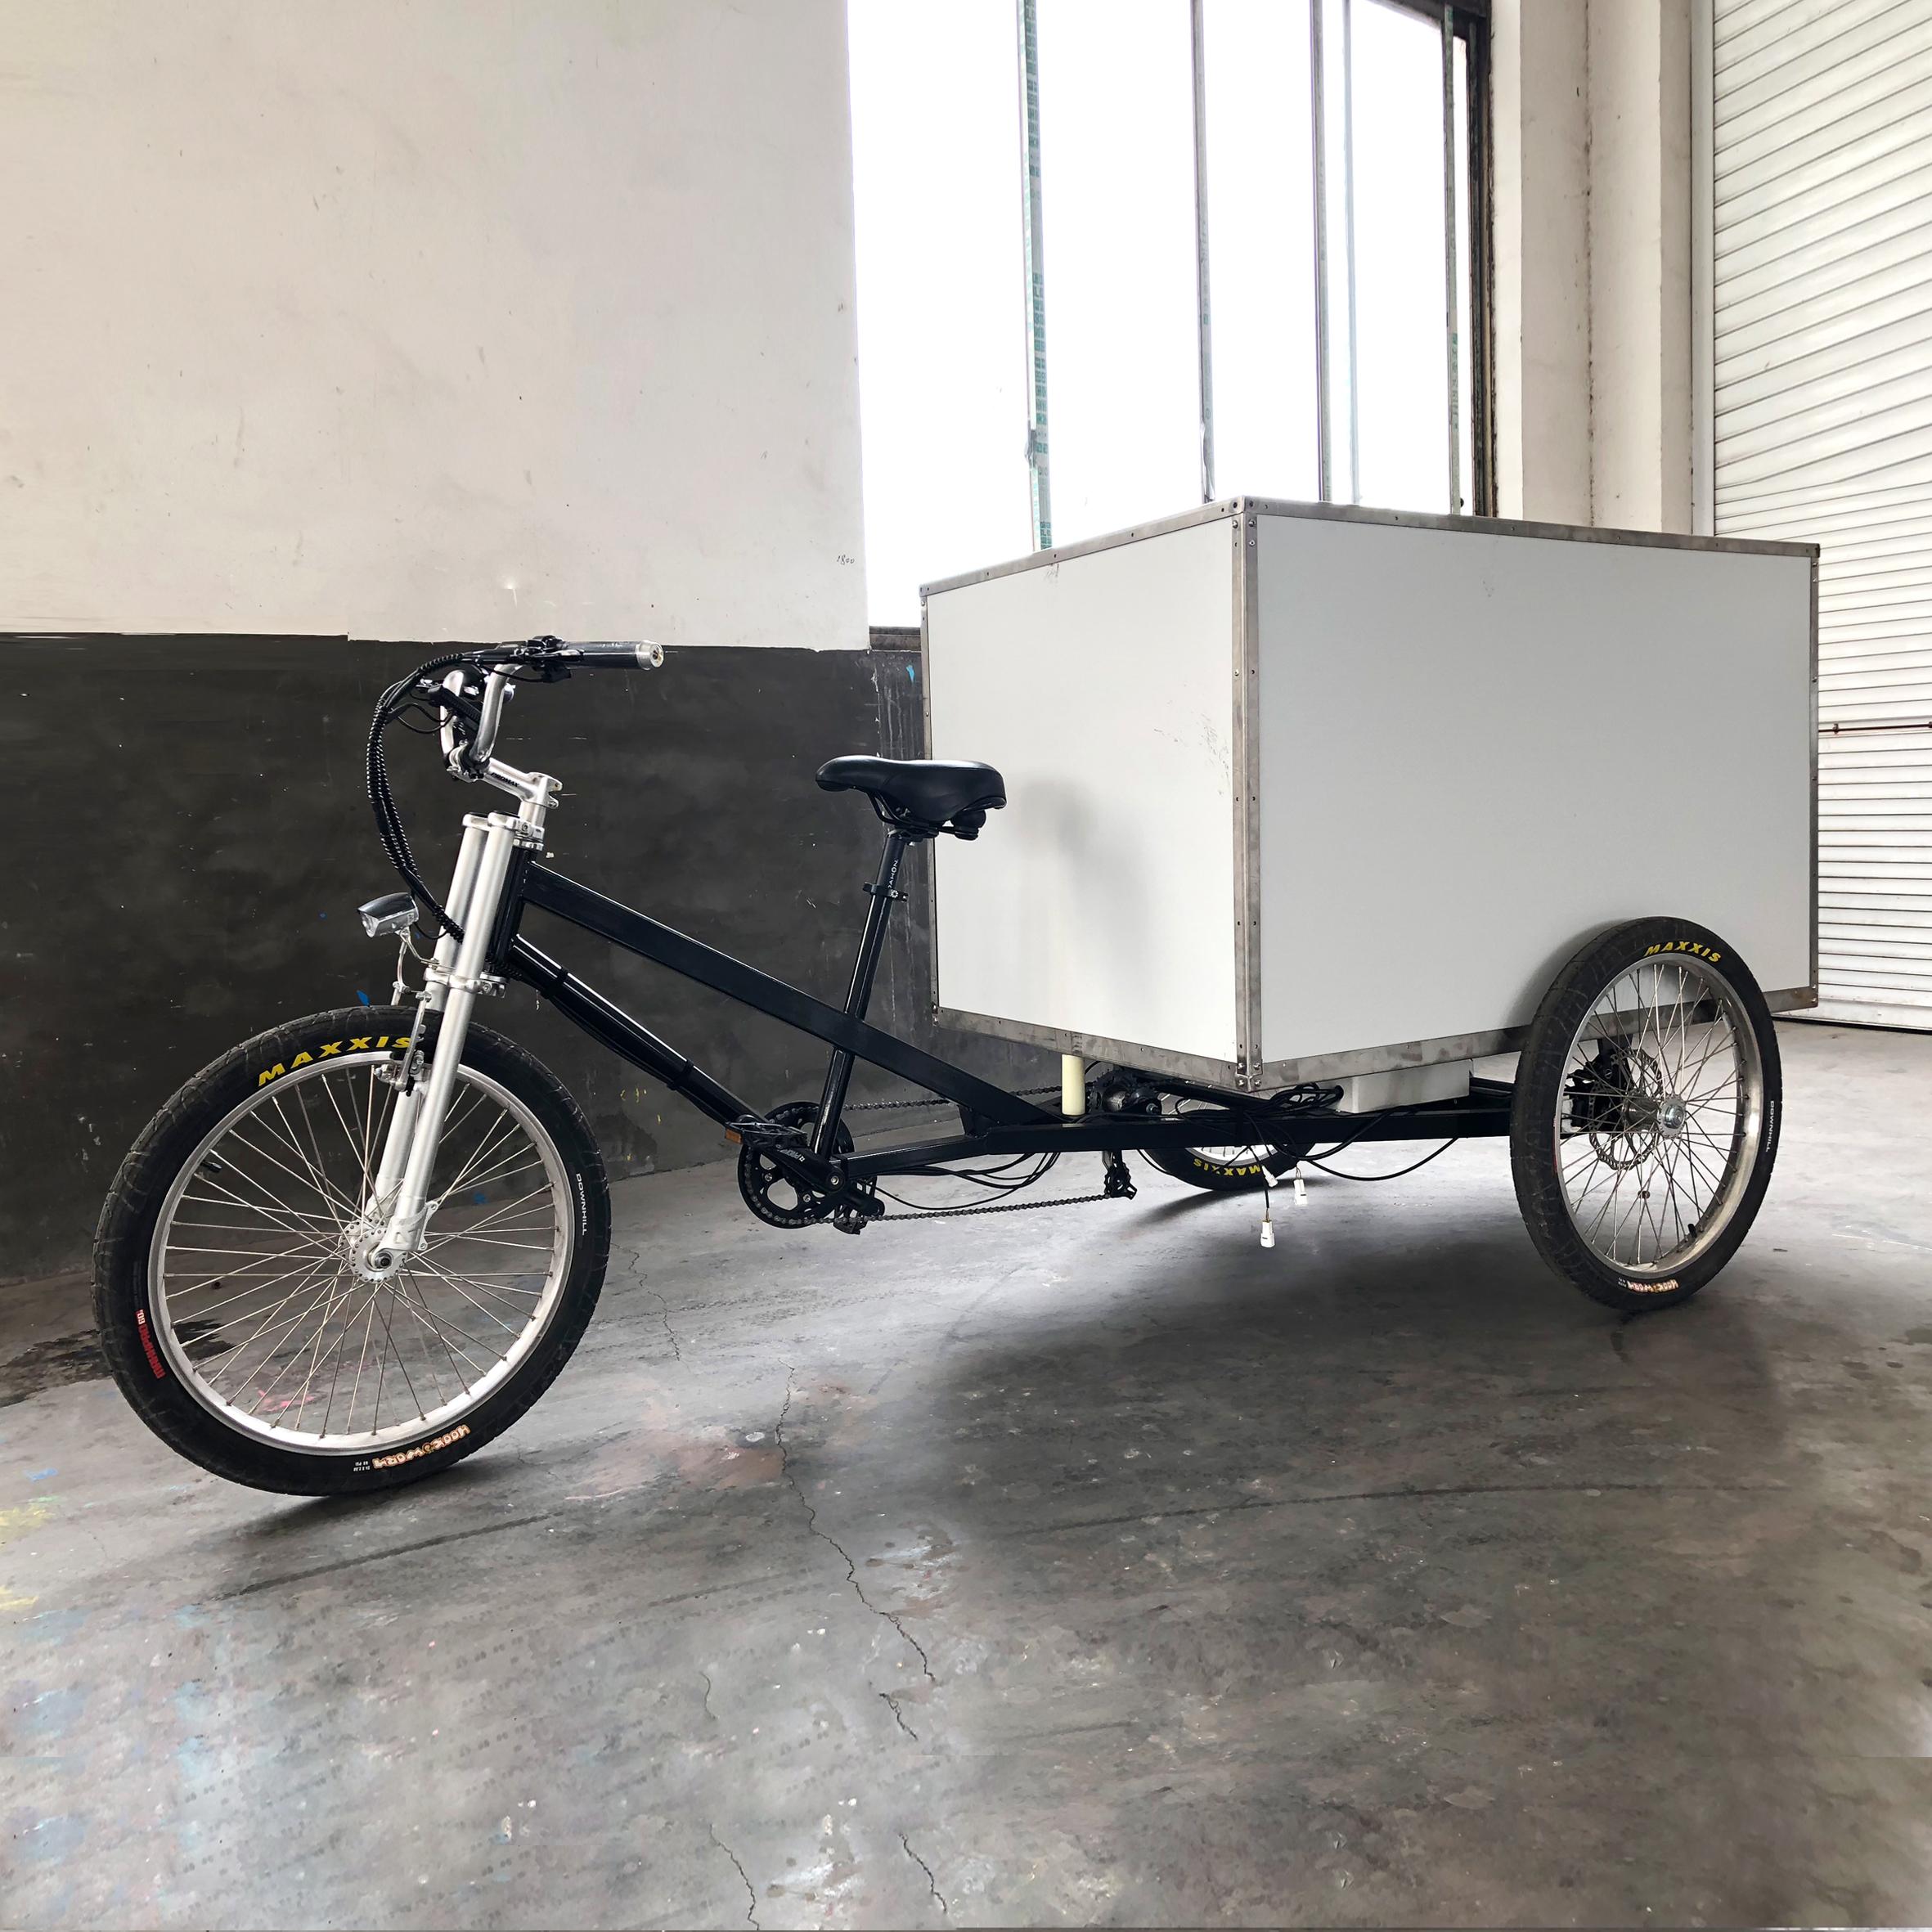 3 Wheel Electric Cargo Bike Off 53 Www Abrafiltros Org Br